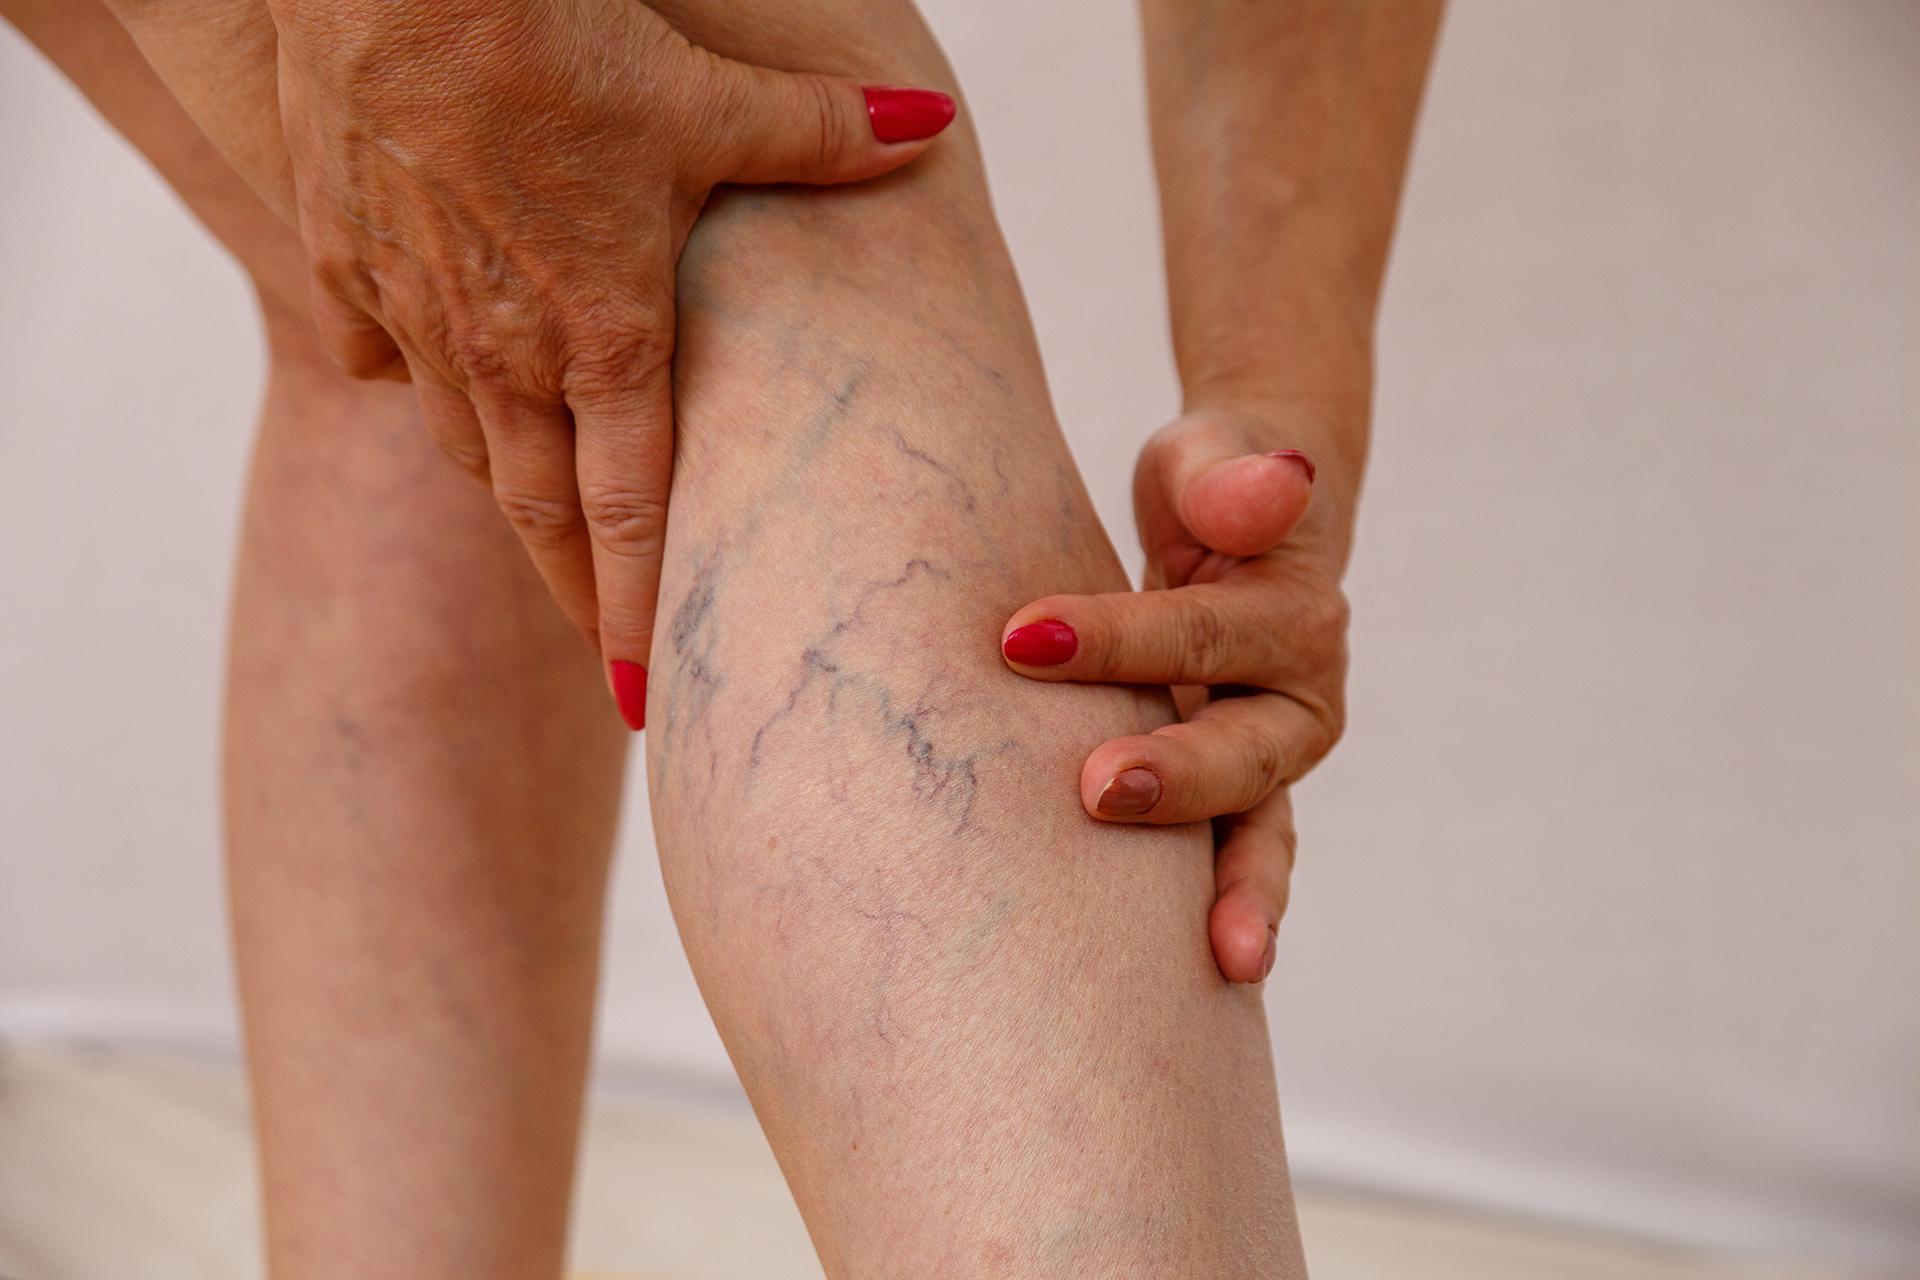 vascular-issues-requiring-leg-pain-doctor-Santa-Fe-Springs